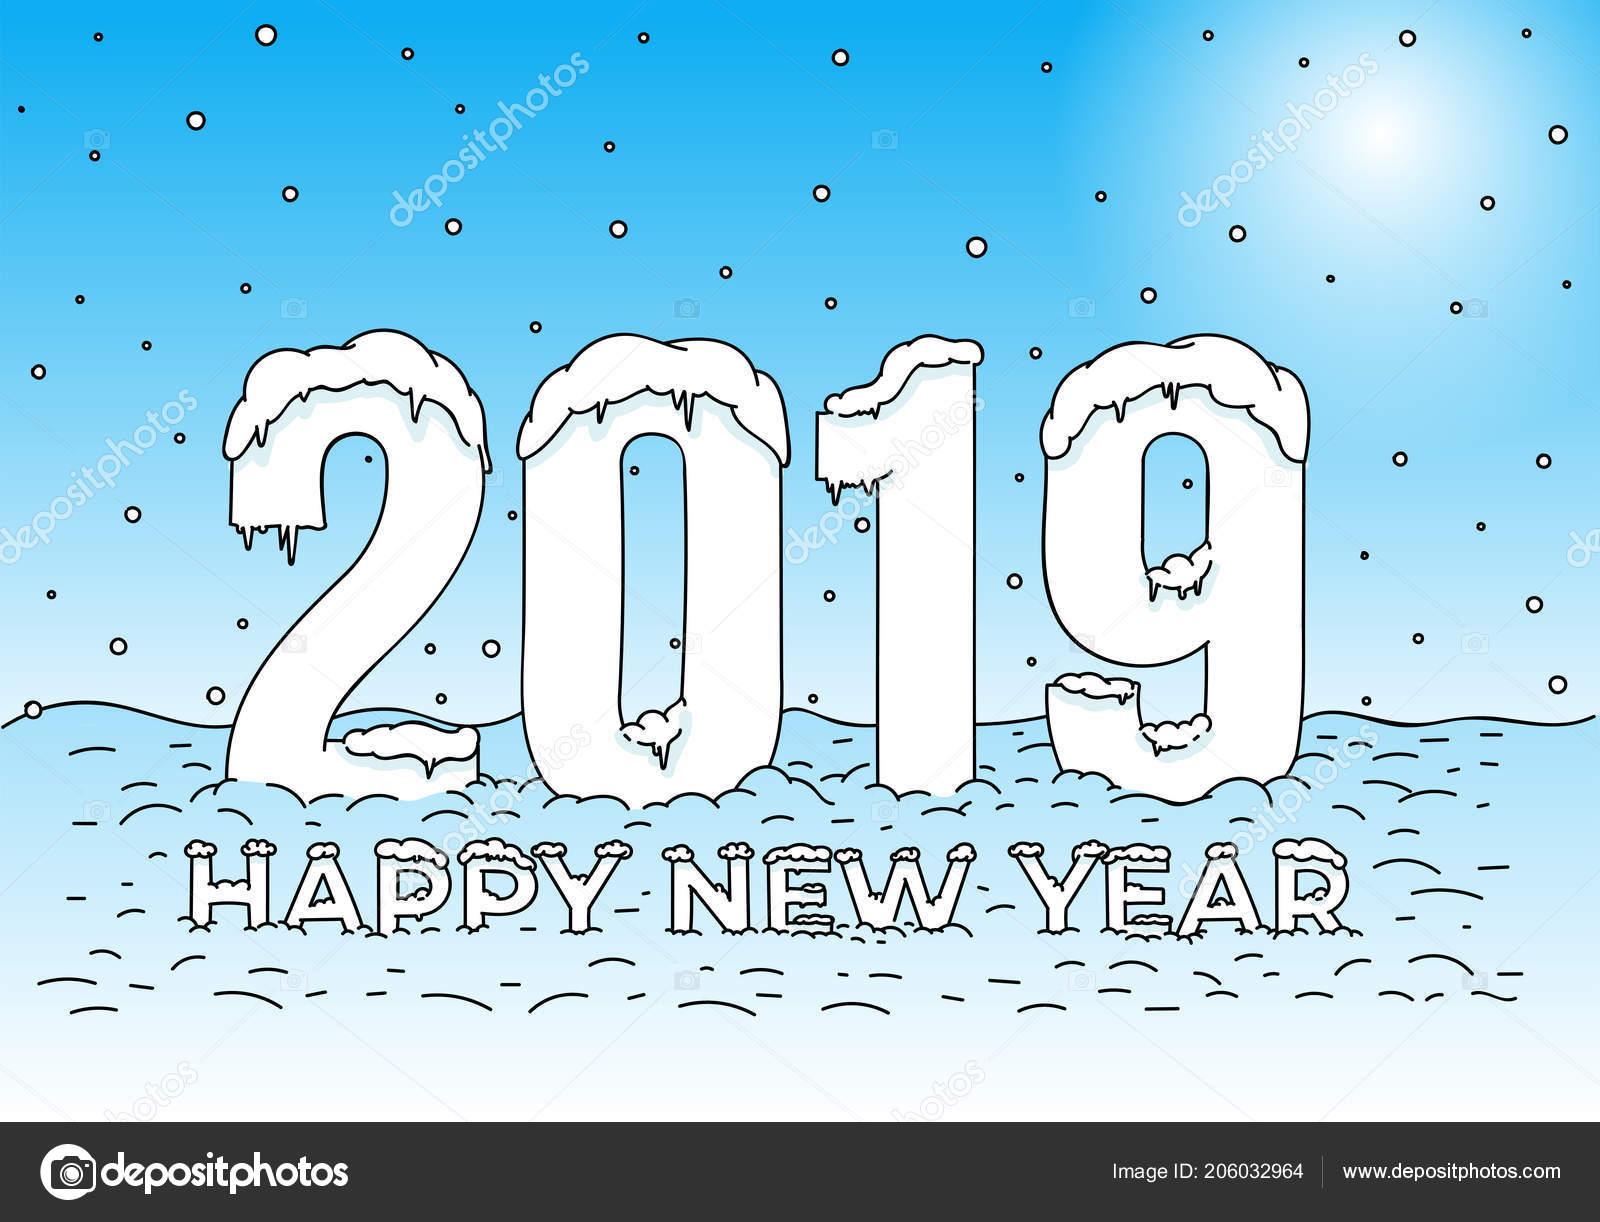 Gelukkig Nieuwjaar 2019 Kleurplaat Parksidetraceapartments